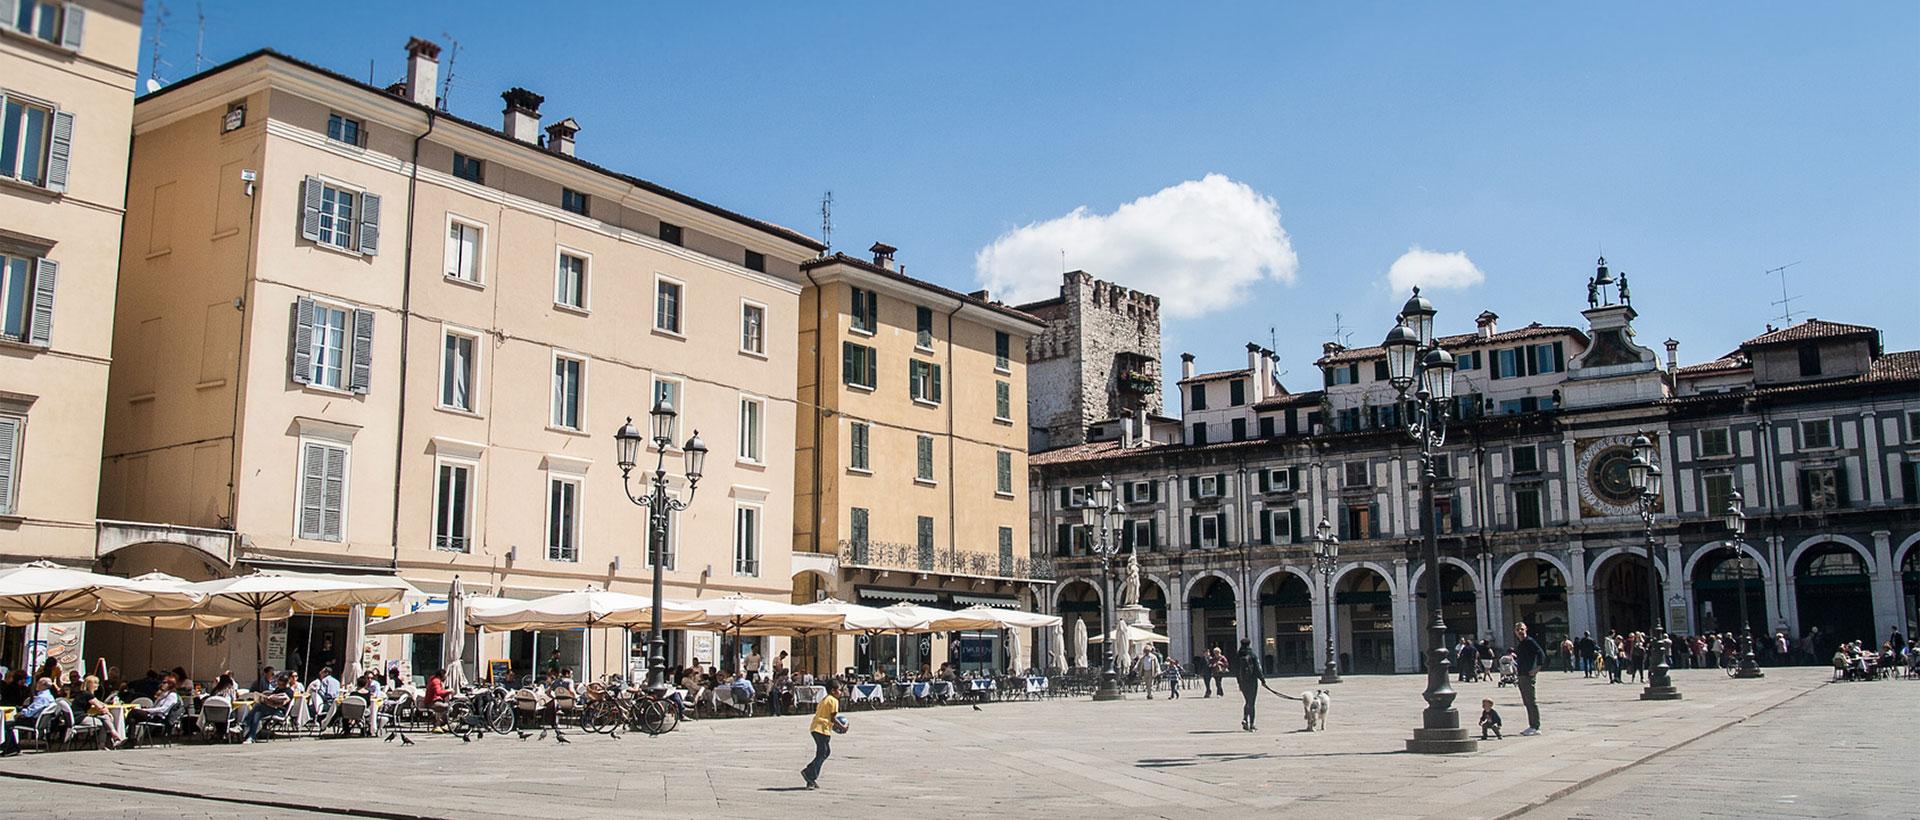 Brescia e Mostra: Picasso - De Chirico e Morandi